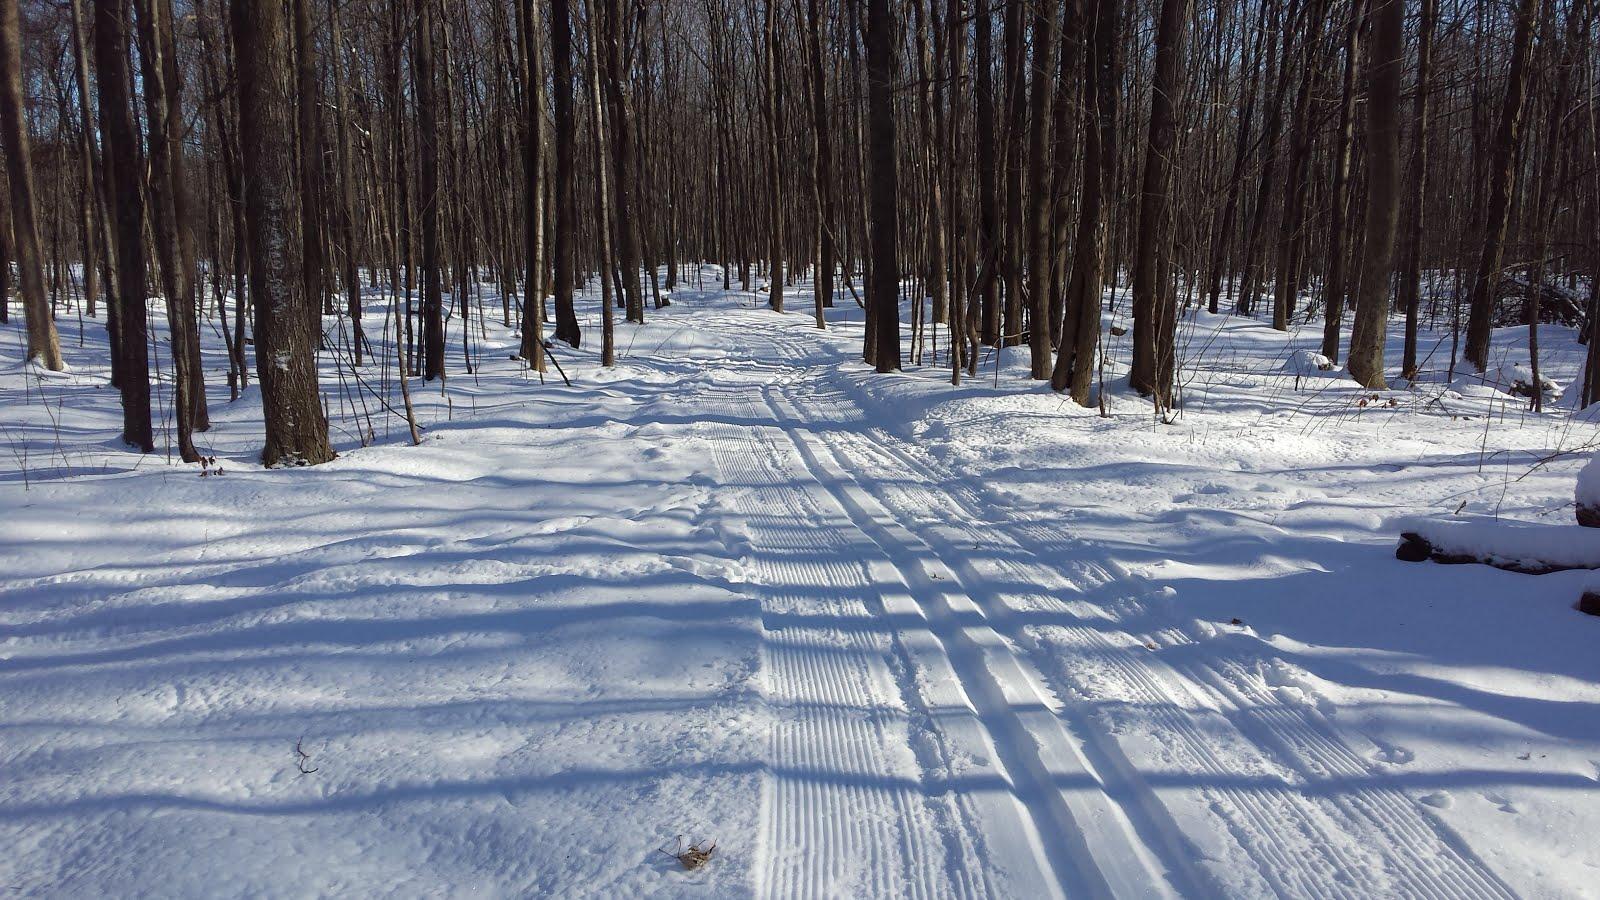 Sentiers de ski de fond